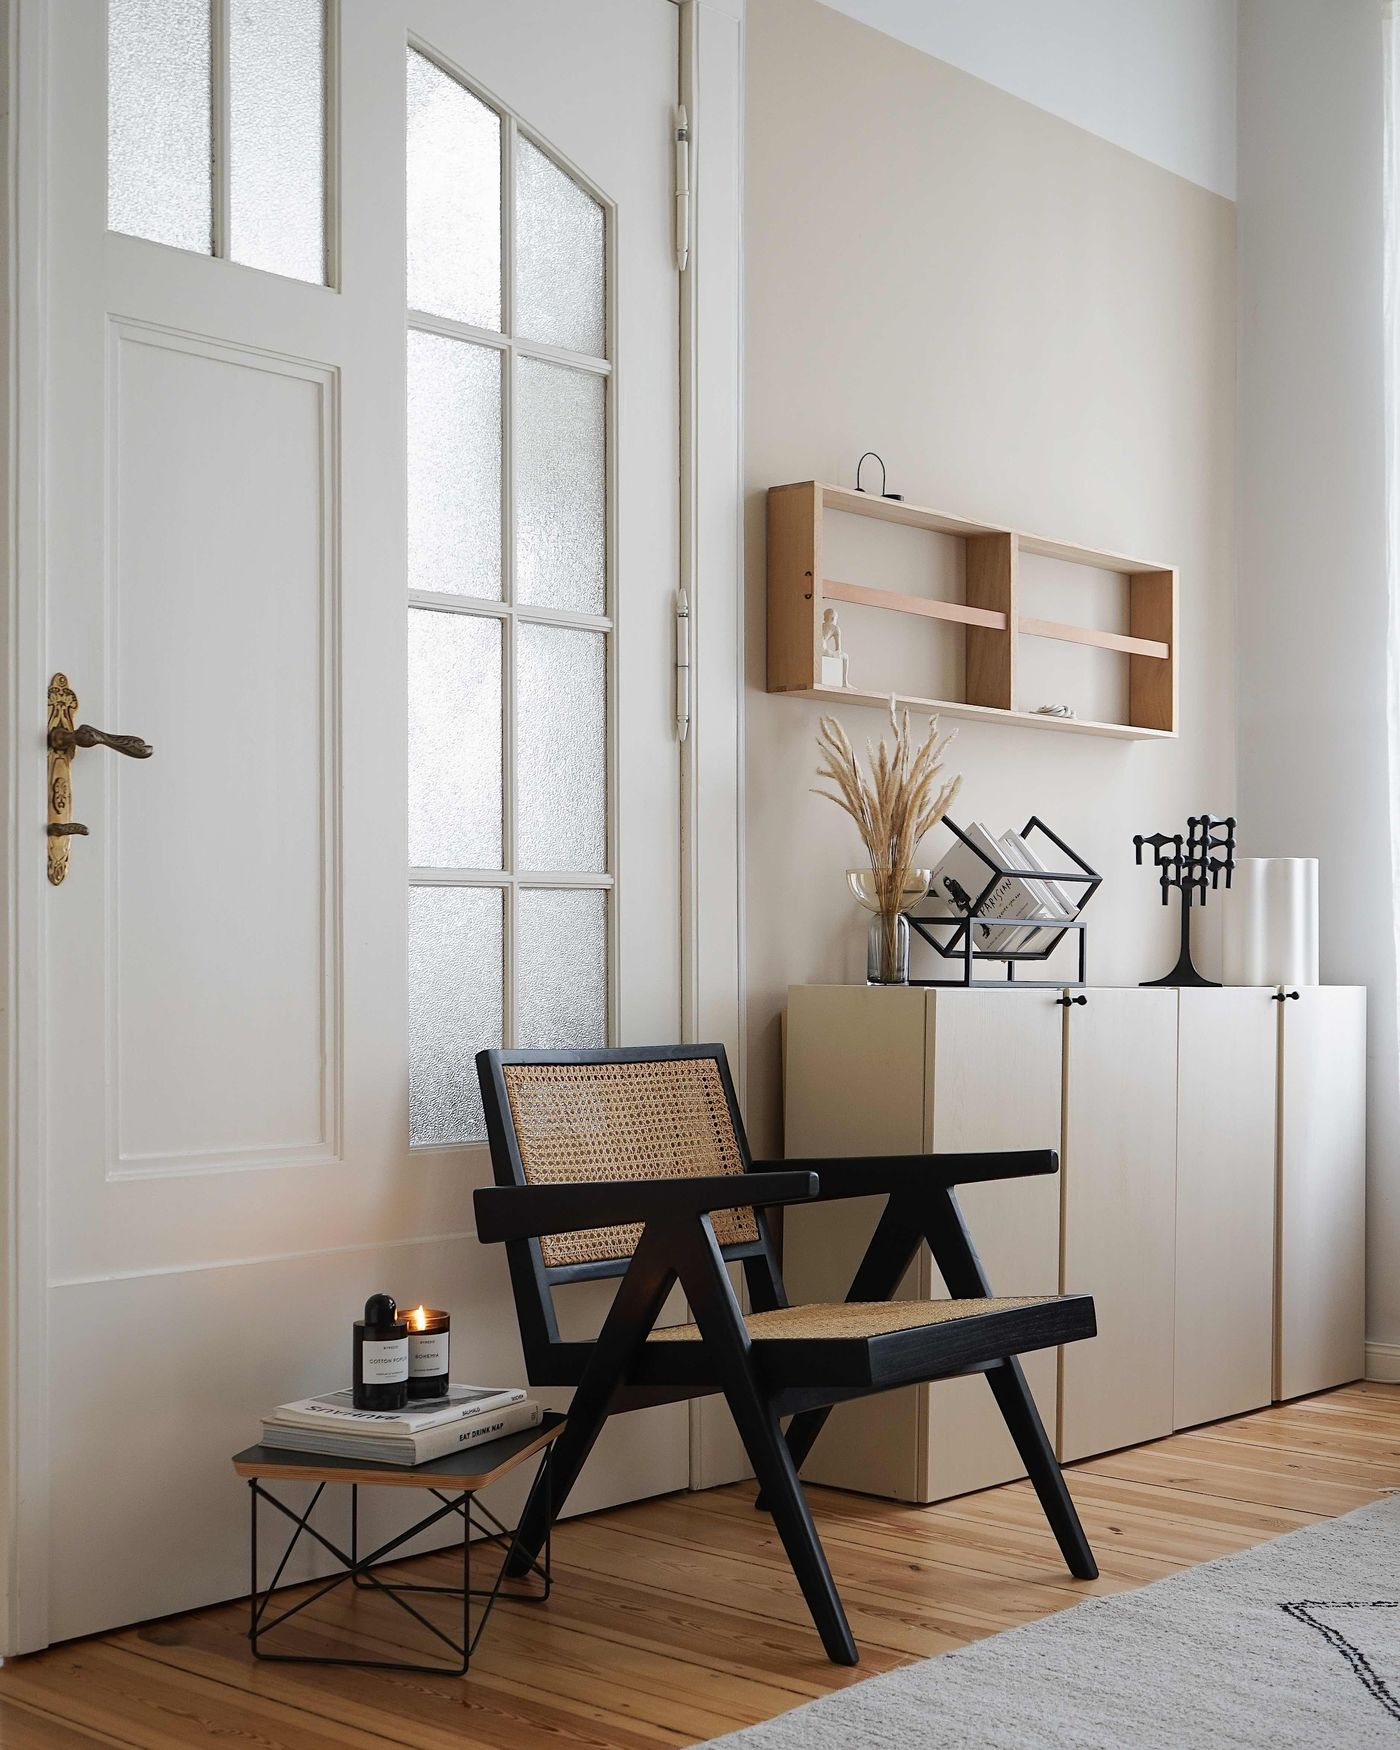 Die Schonsten Ideen Mit Dem Ikea Ivar System